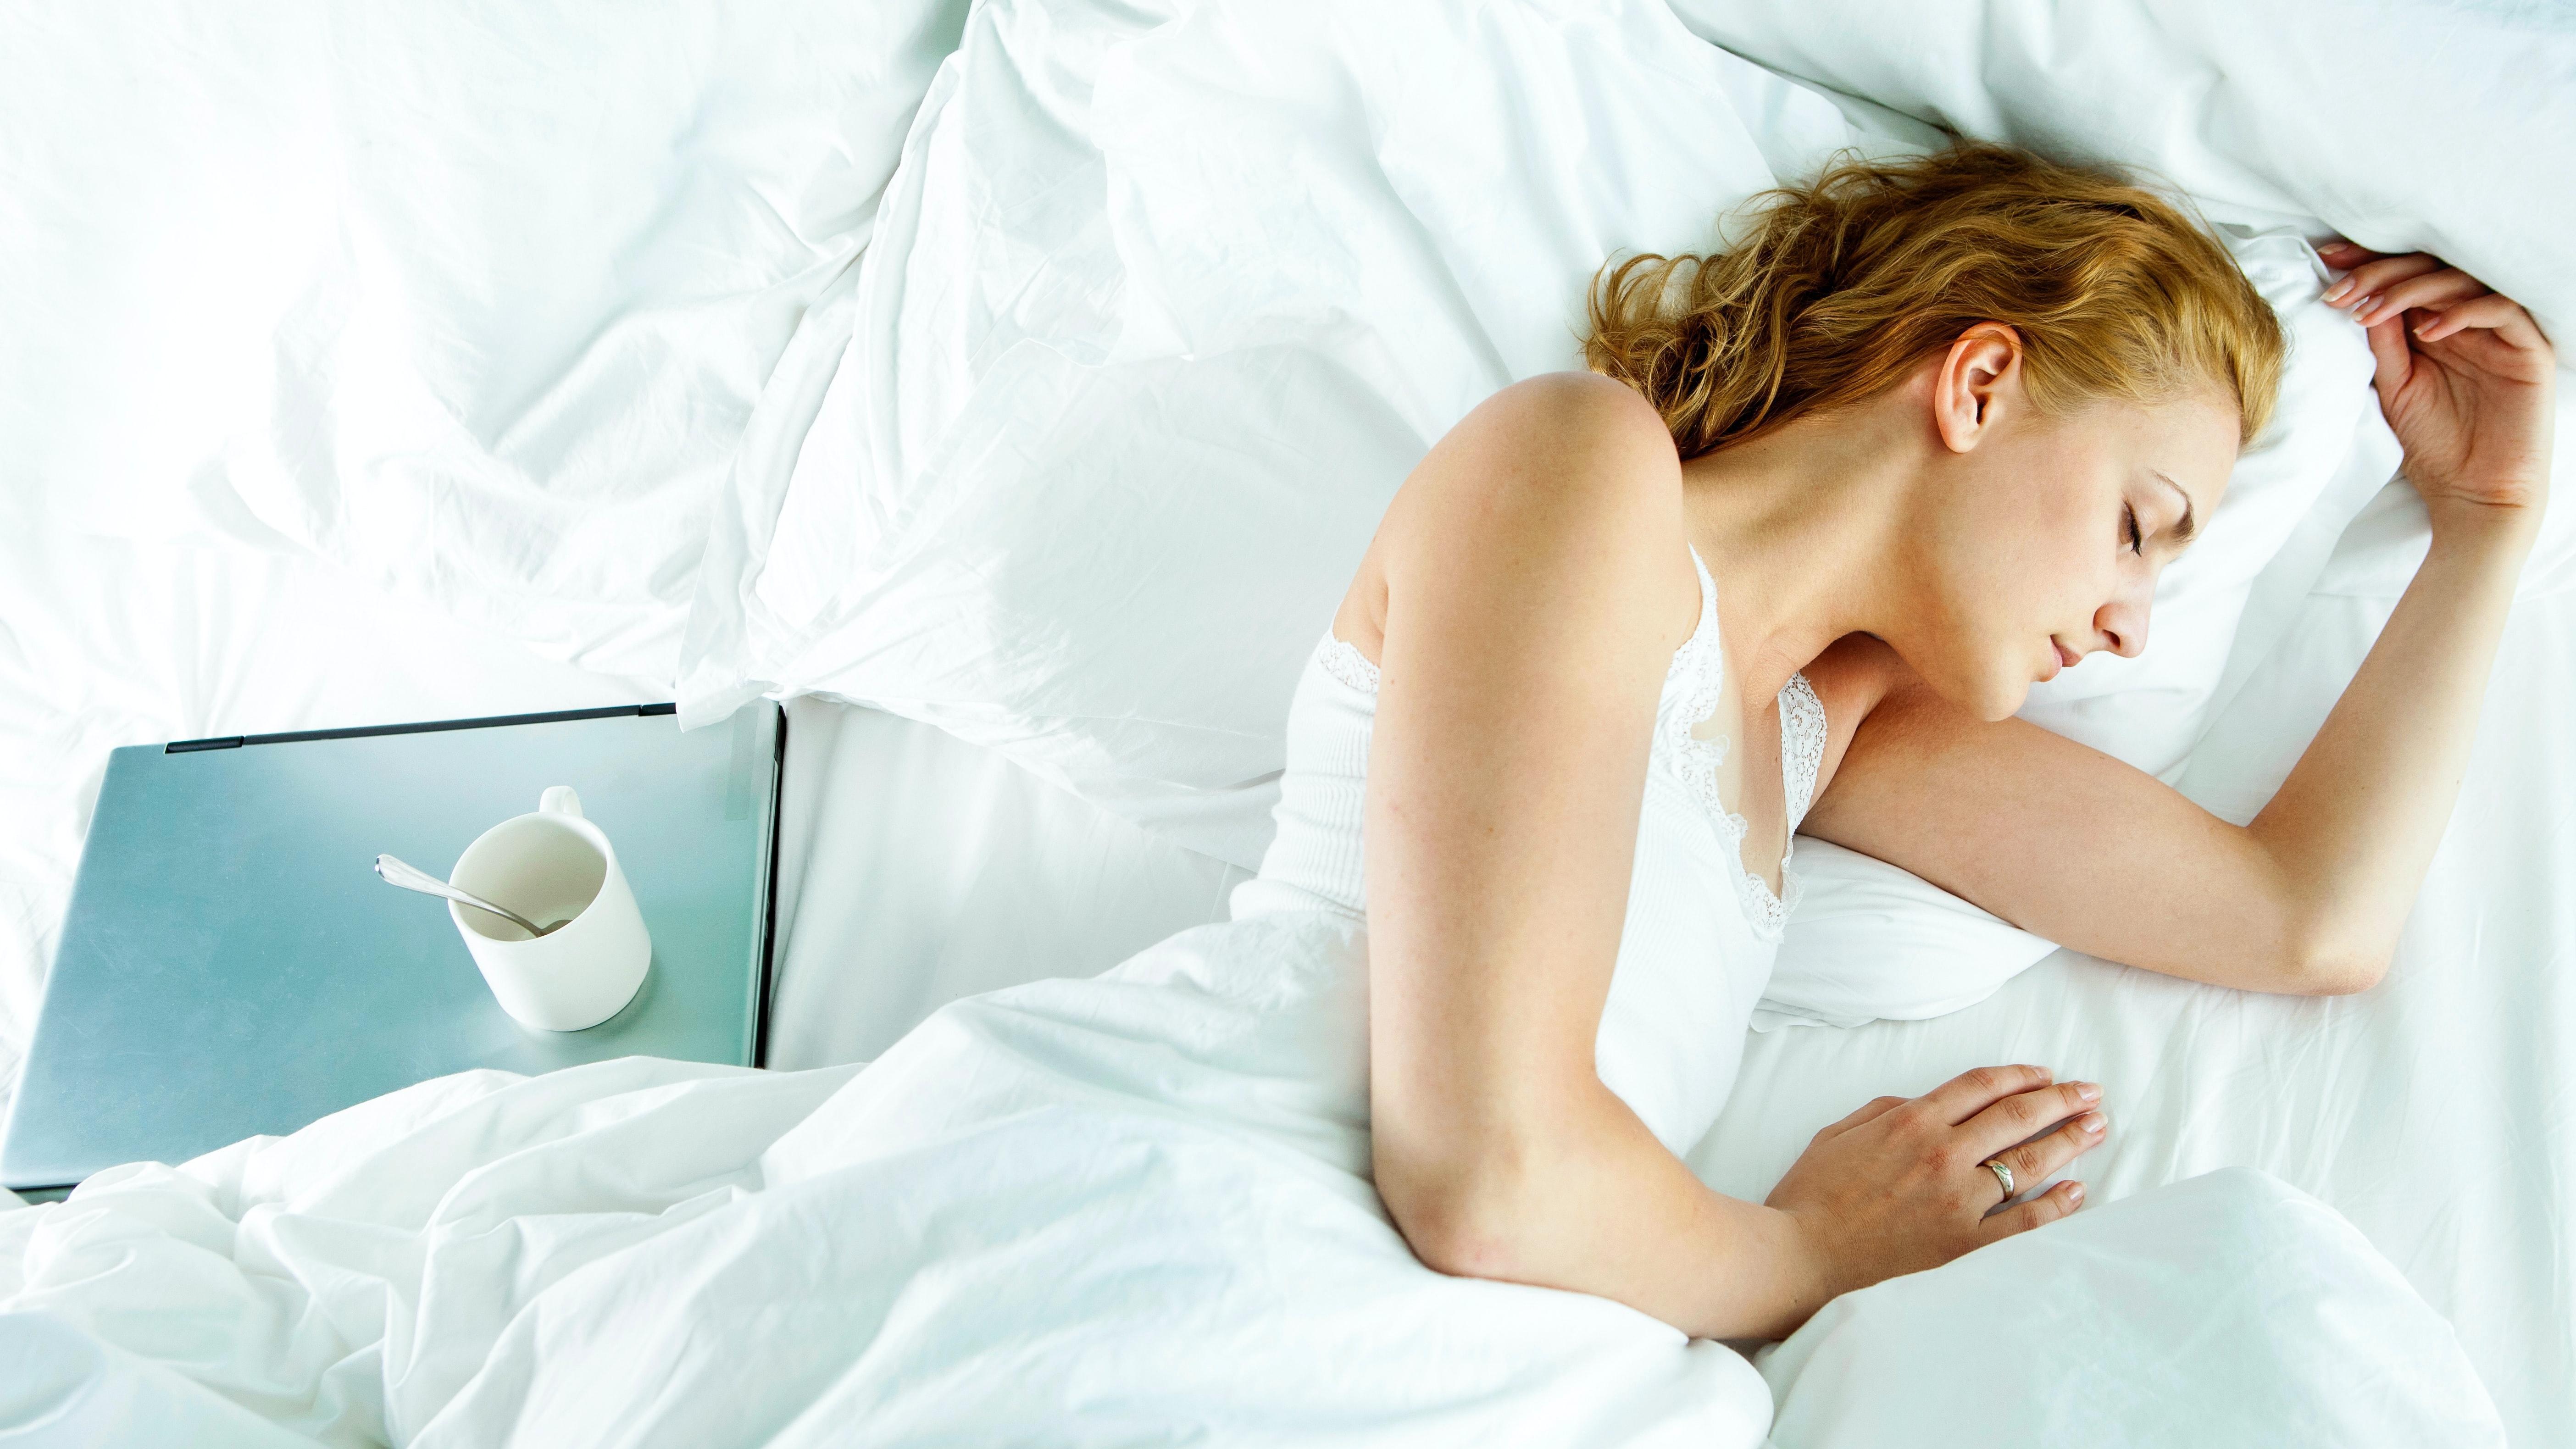 Besser einschlafen: Diese 5 Techniken verhelfen zu einem erholsameren Schlaf